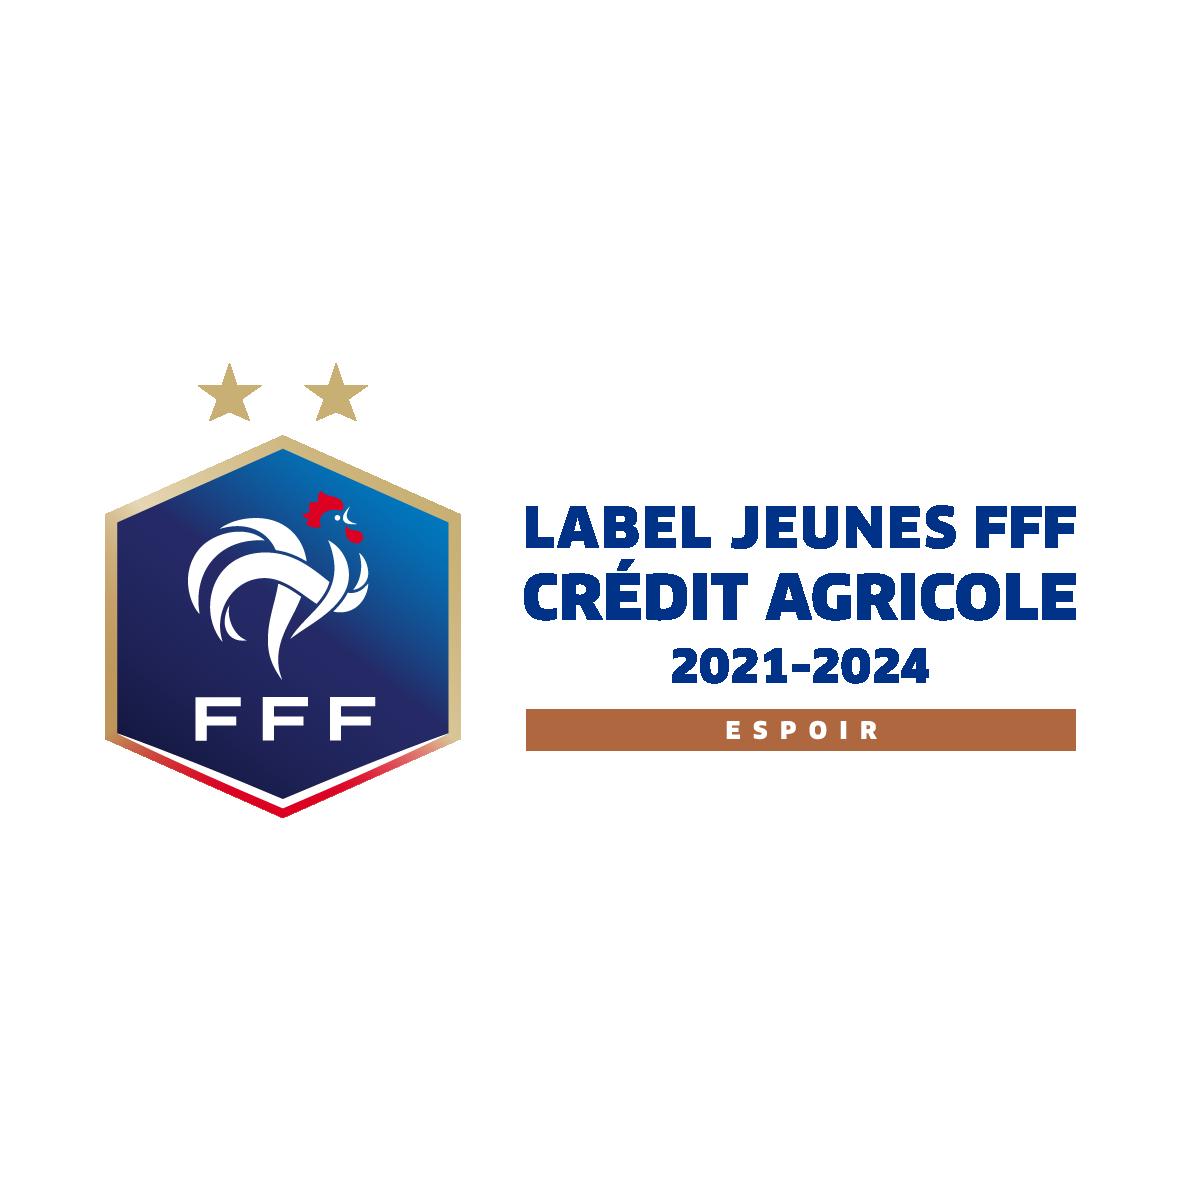 FFF_LABEL-JEUNES_CA_ESPOIR_HORIZONTAL_RVB.png